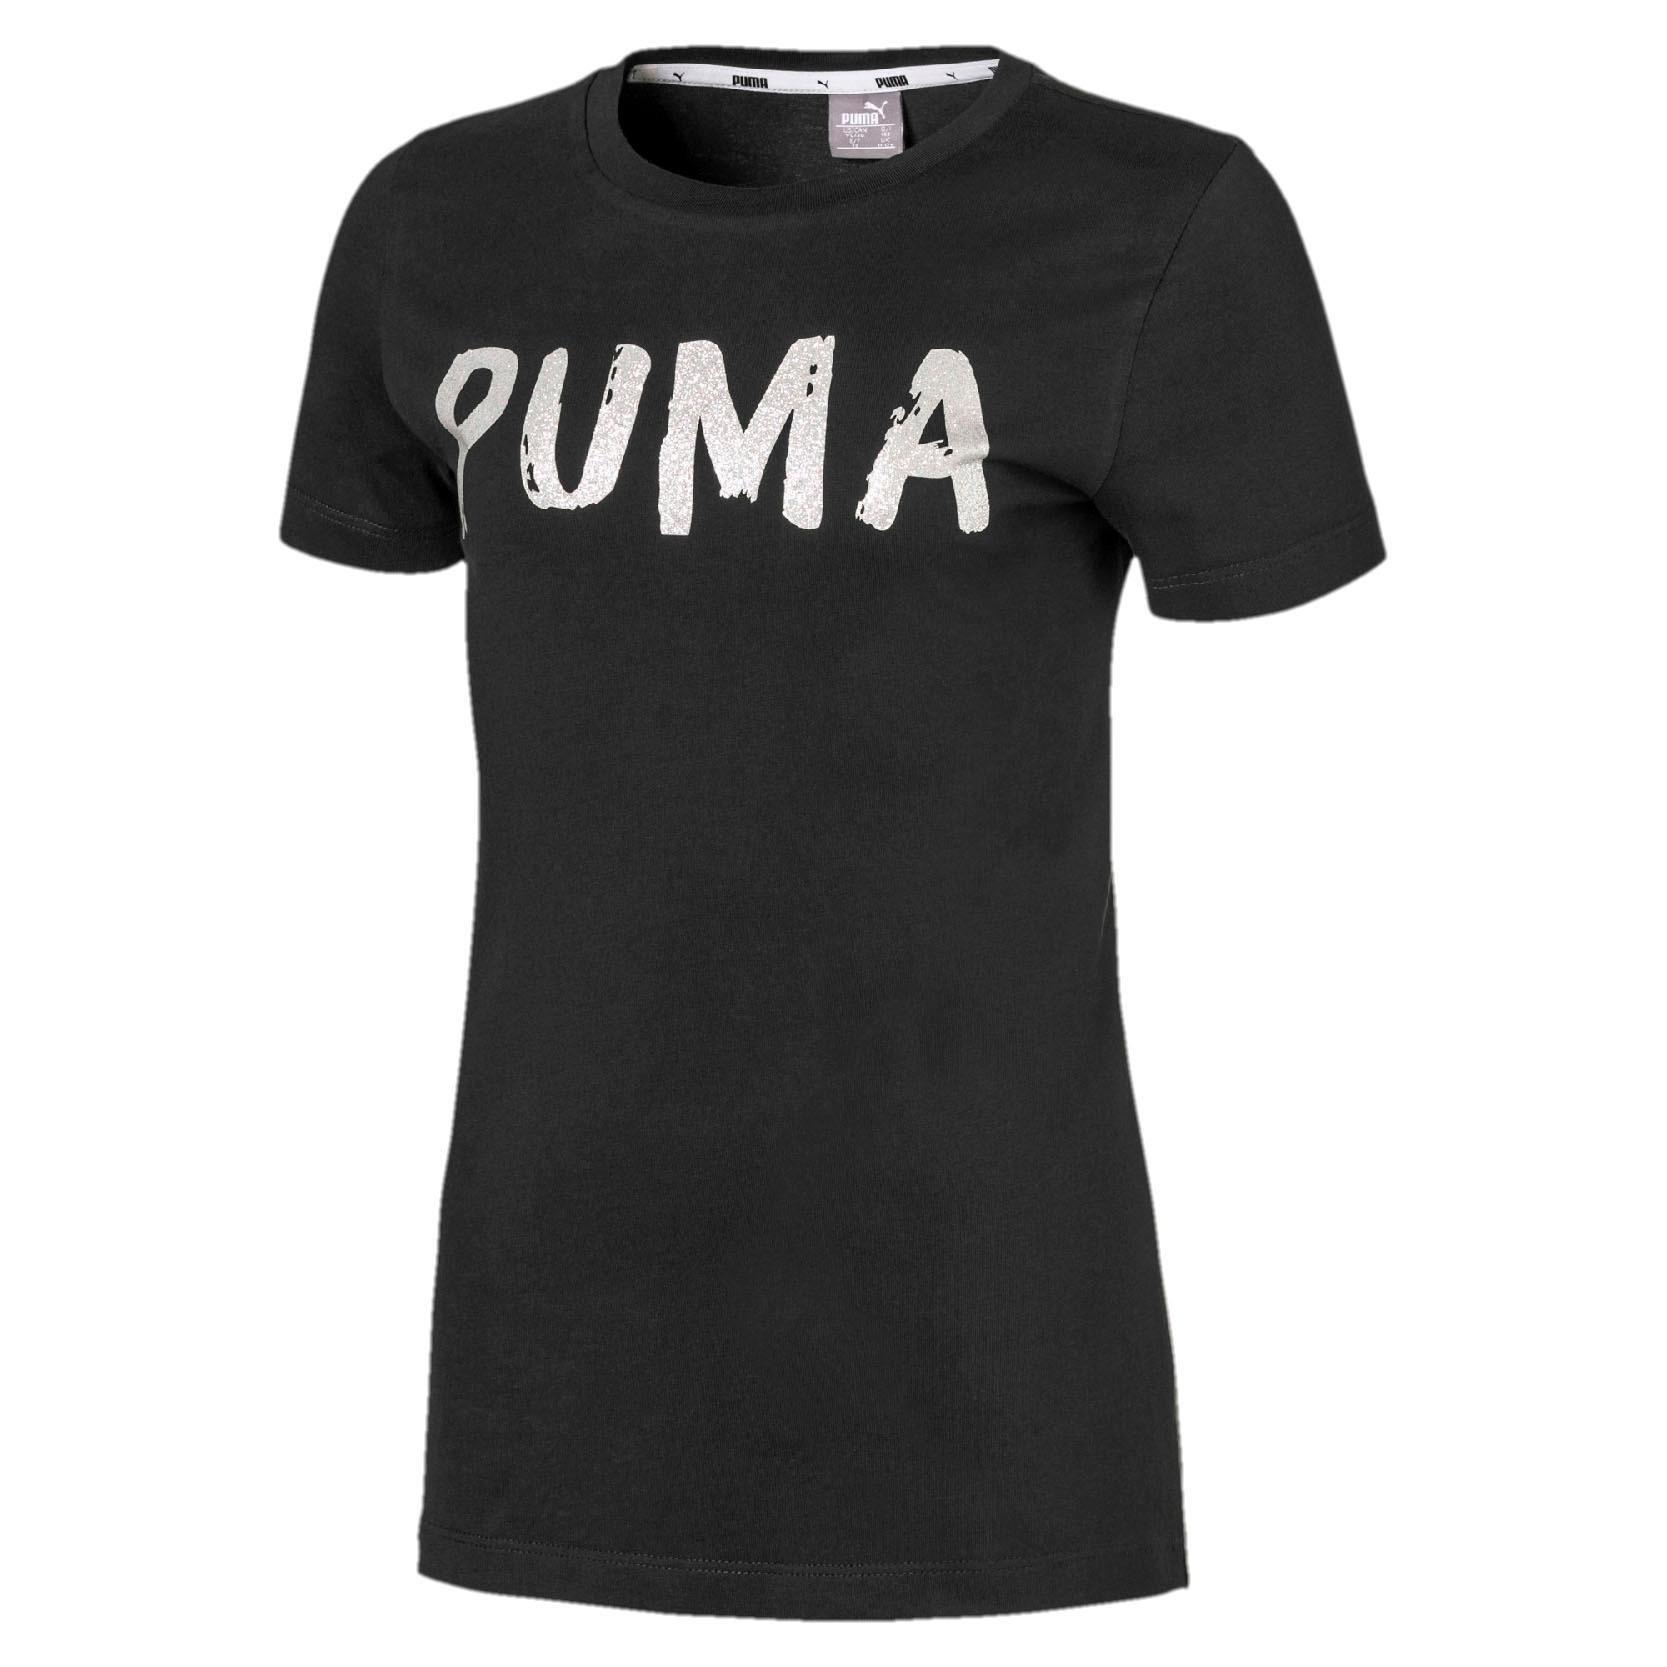 Puma T-shirt »Alpha Tee« goedkoop op otto.nl kopen